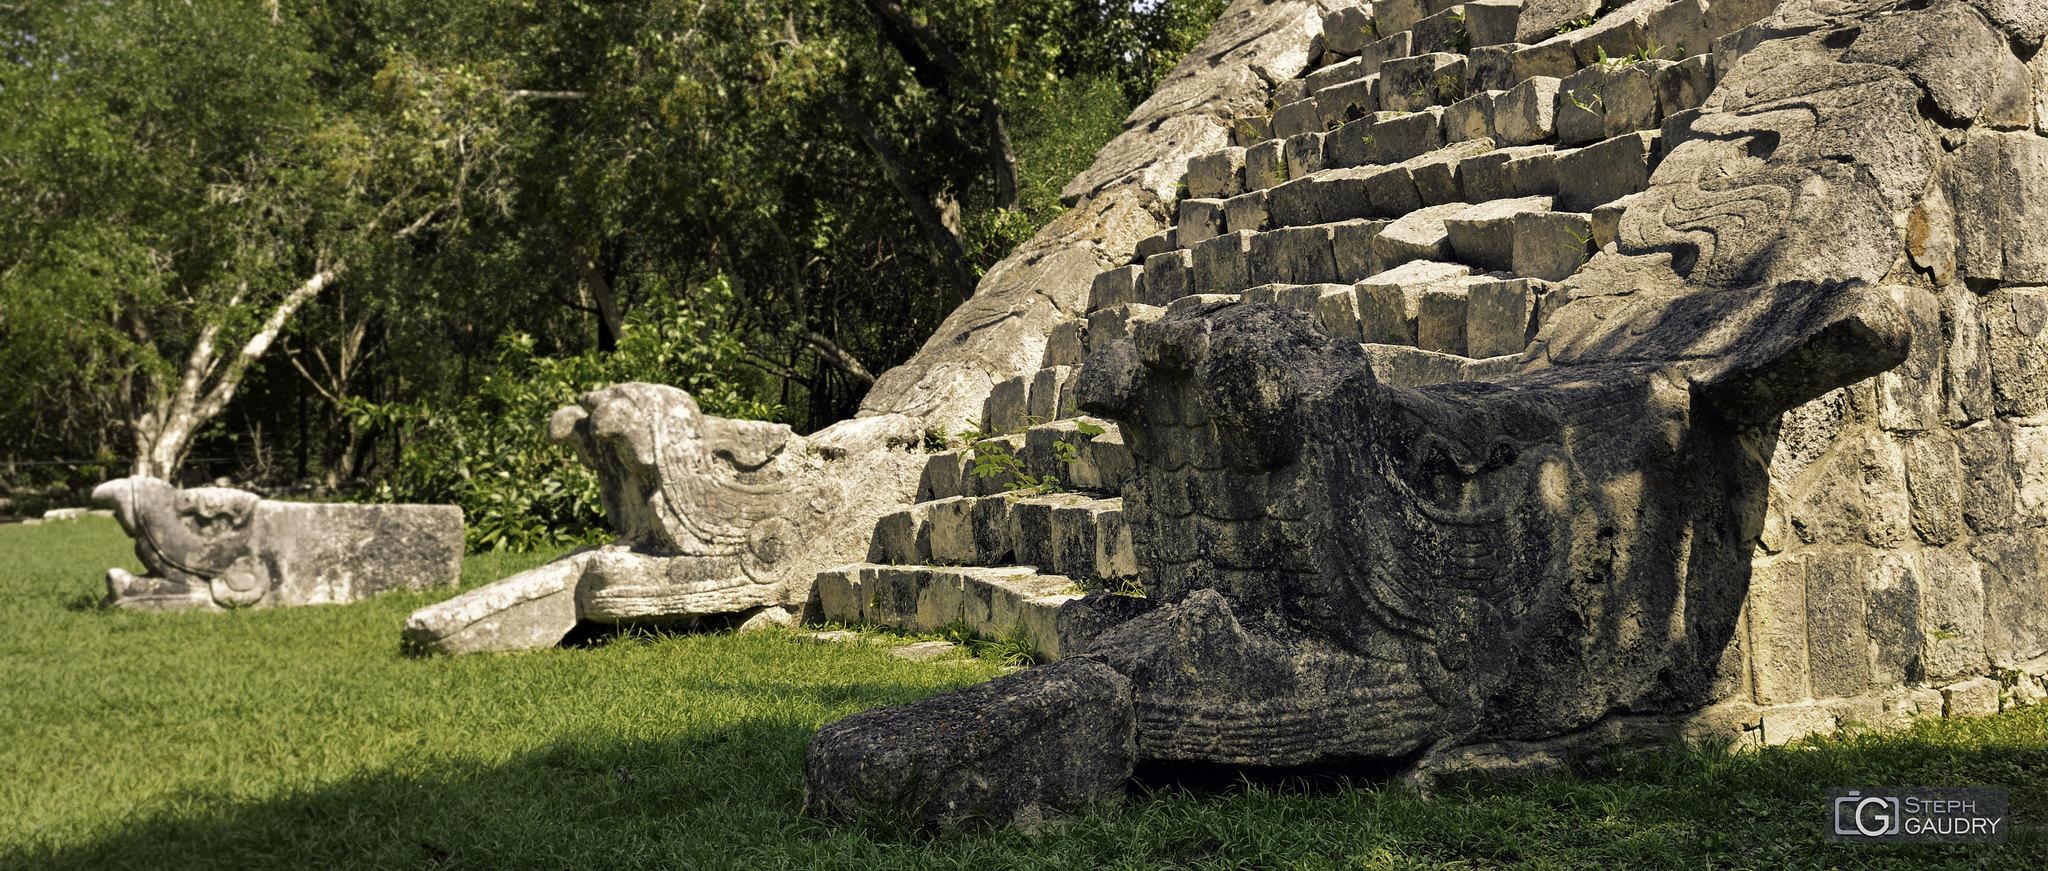 Chichen Itza - décorations en bas des escaliers [Cliquez pour lancer le diaporama]